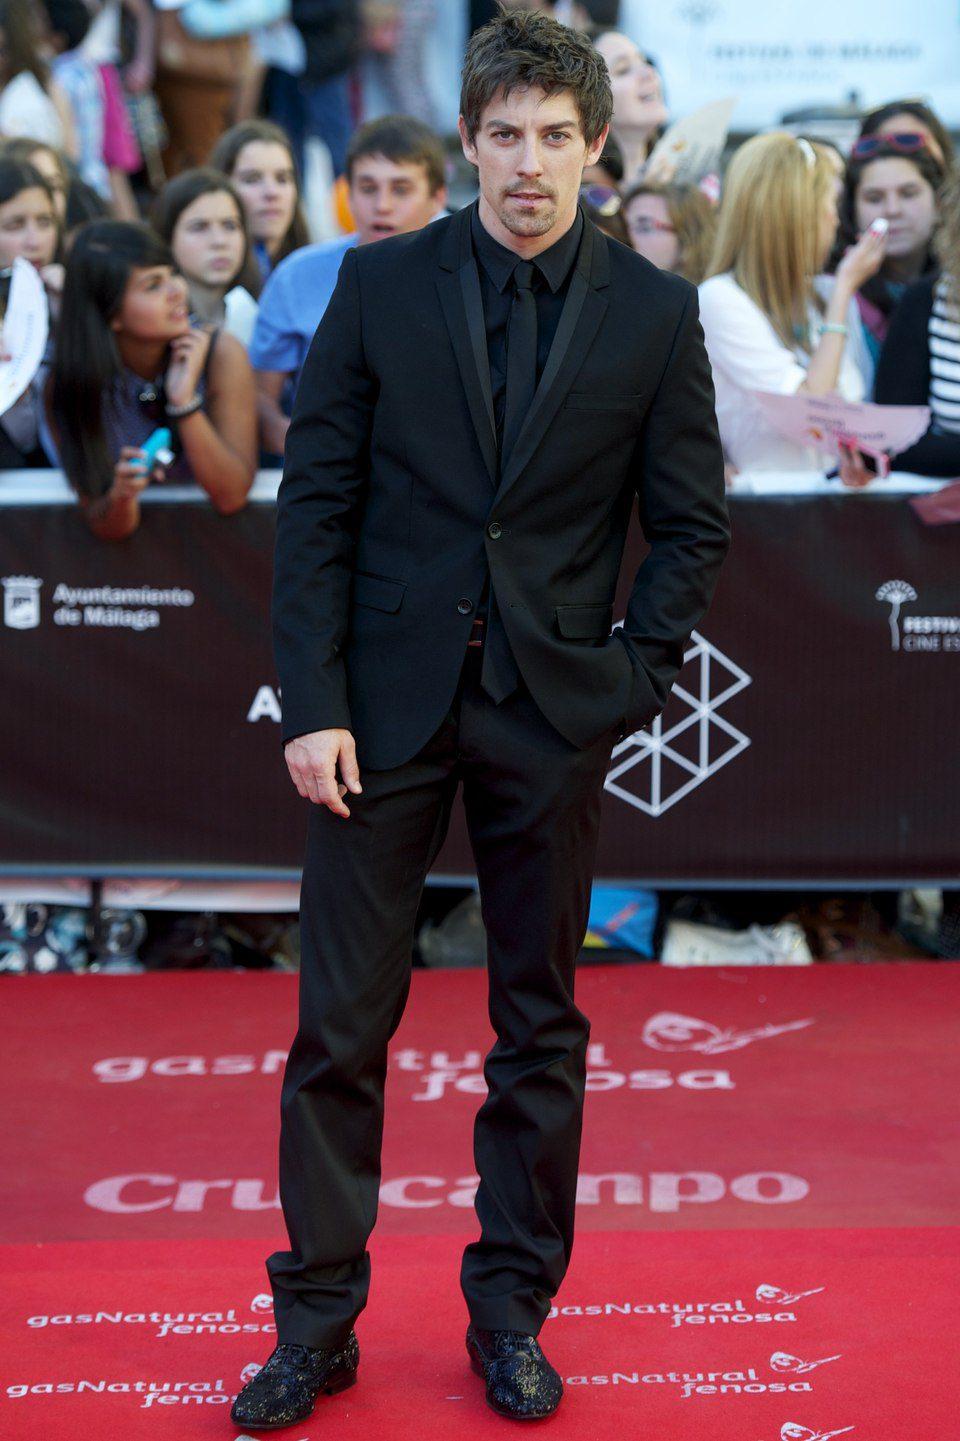 Adrián Lastra en la clausura del Festival de Málaga 2013